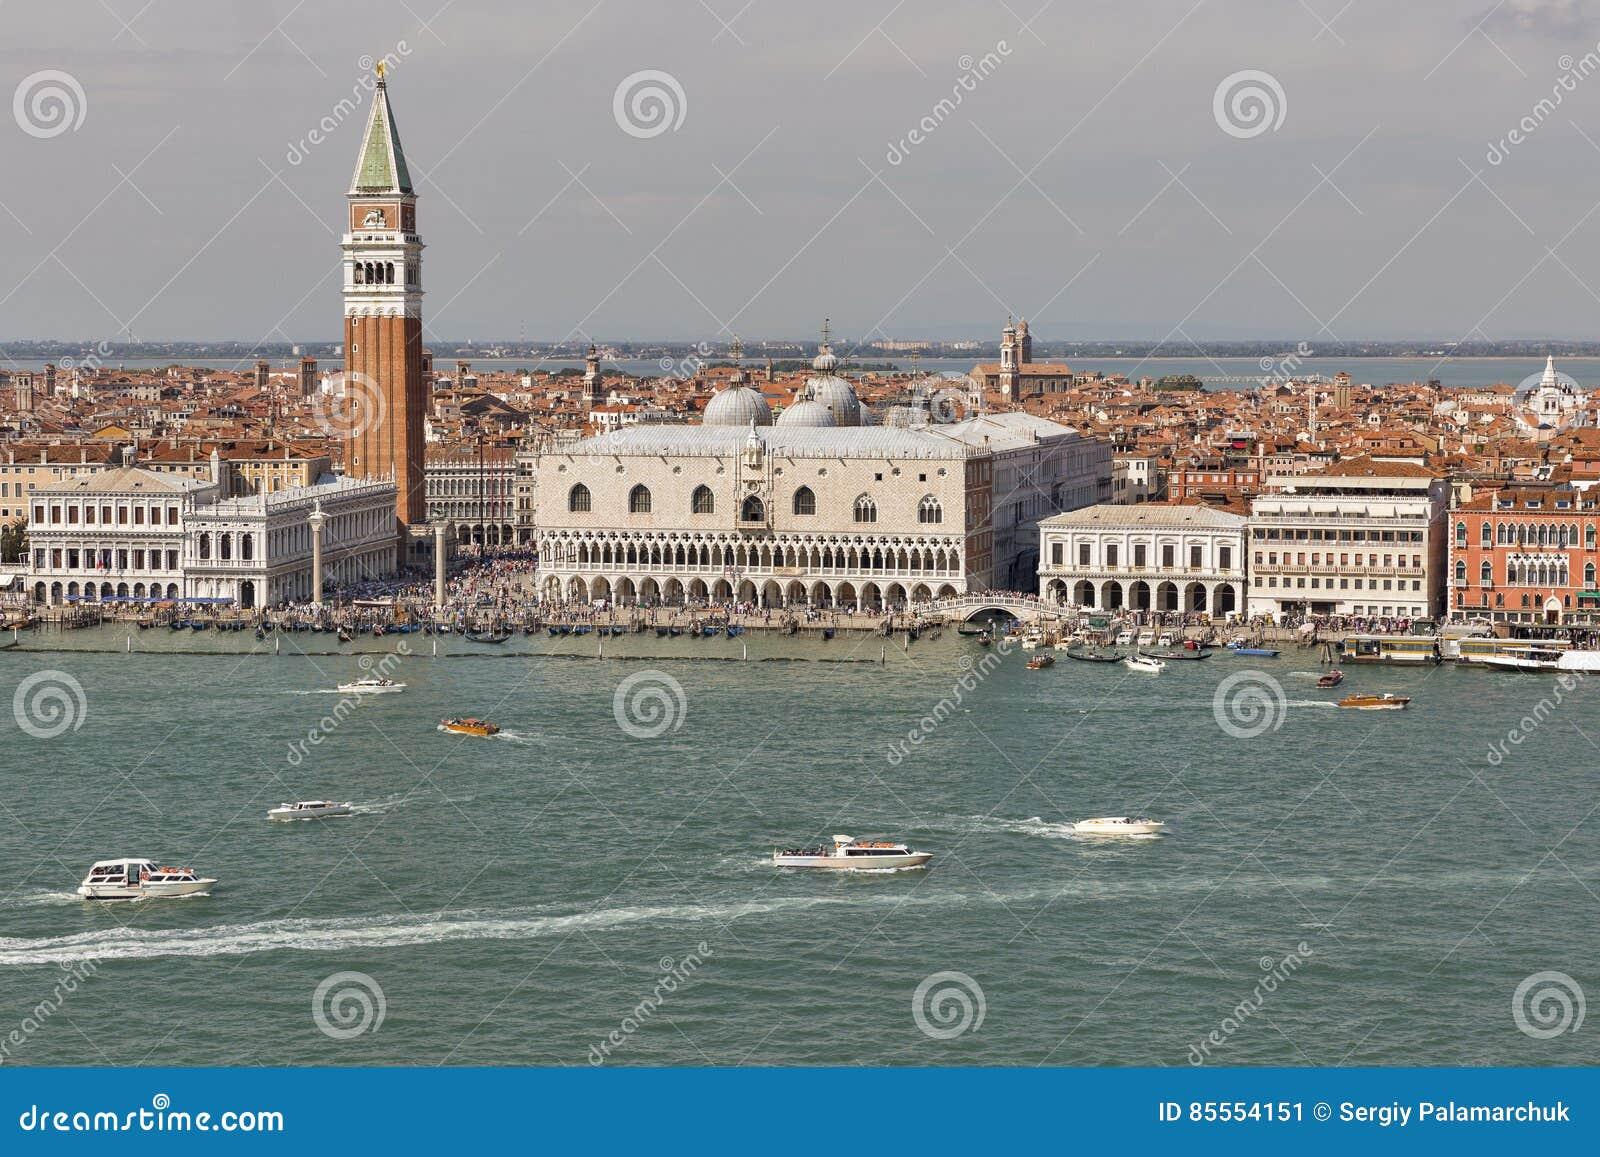 Venedig-Stadtbild, Vogelperspektive fron Lagune Italien